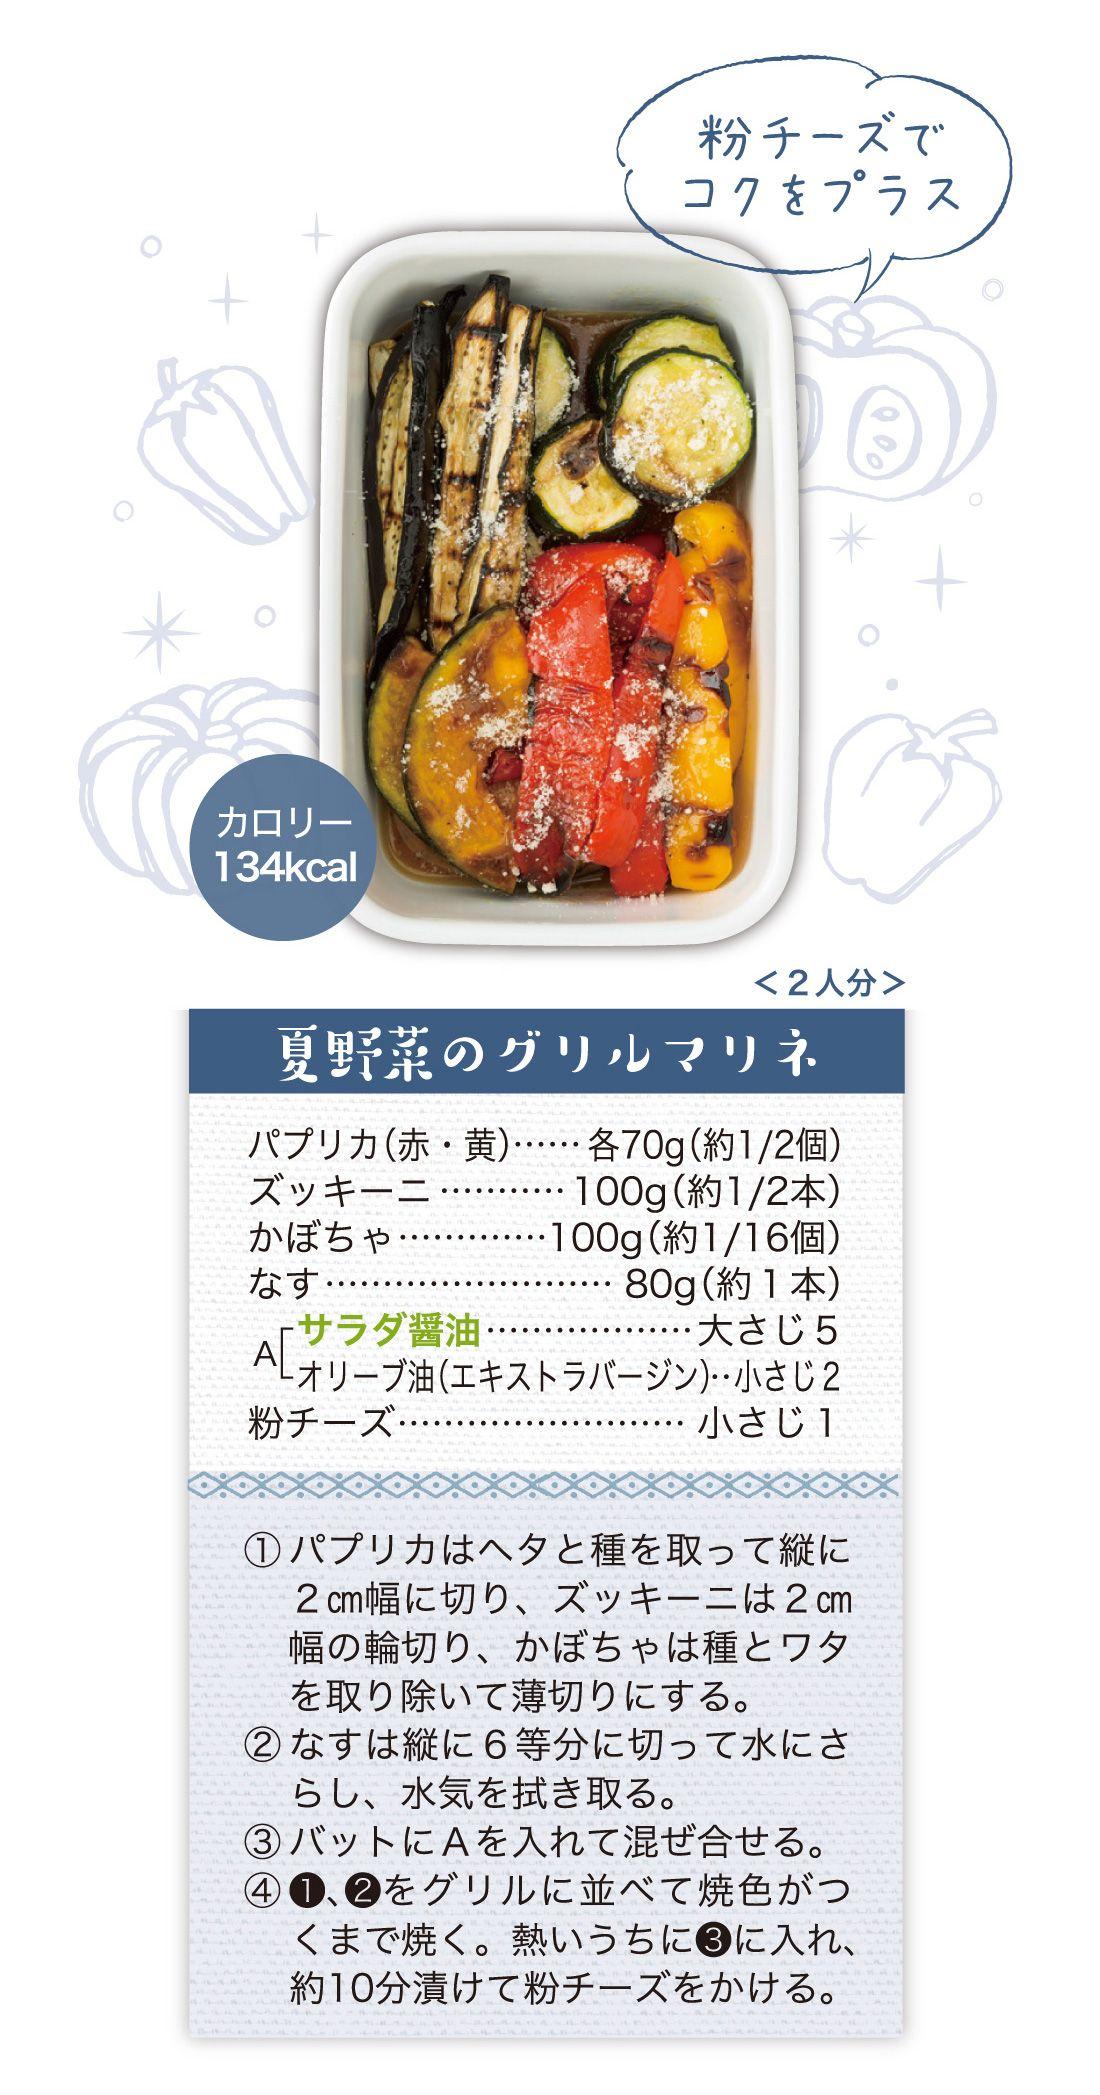 サラダ醤油でとことんマリネ(1)